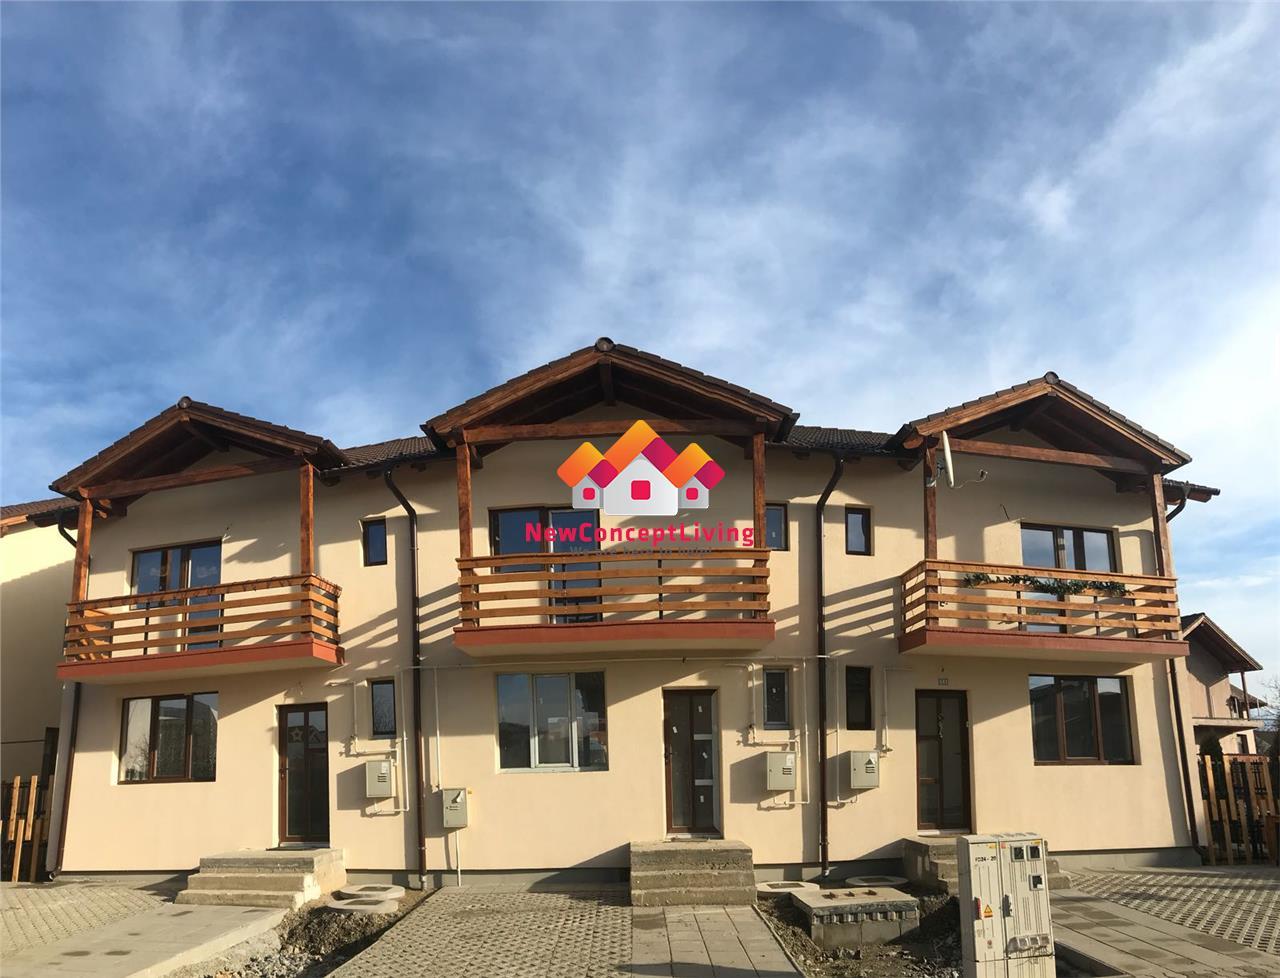 Casa de vanzare in Sibiu tip Triplex la Alb + Gradina spatioasa